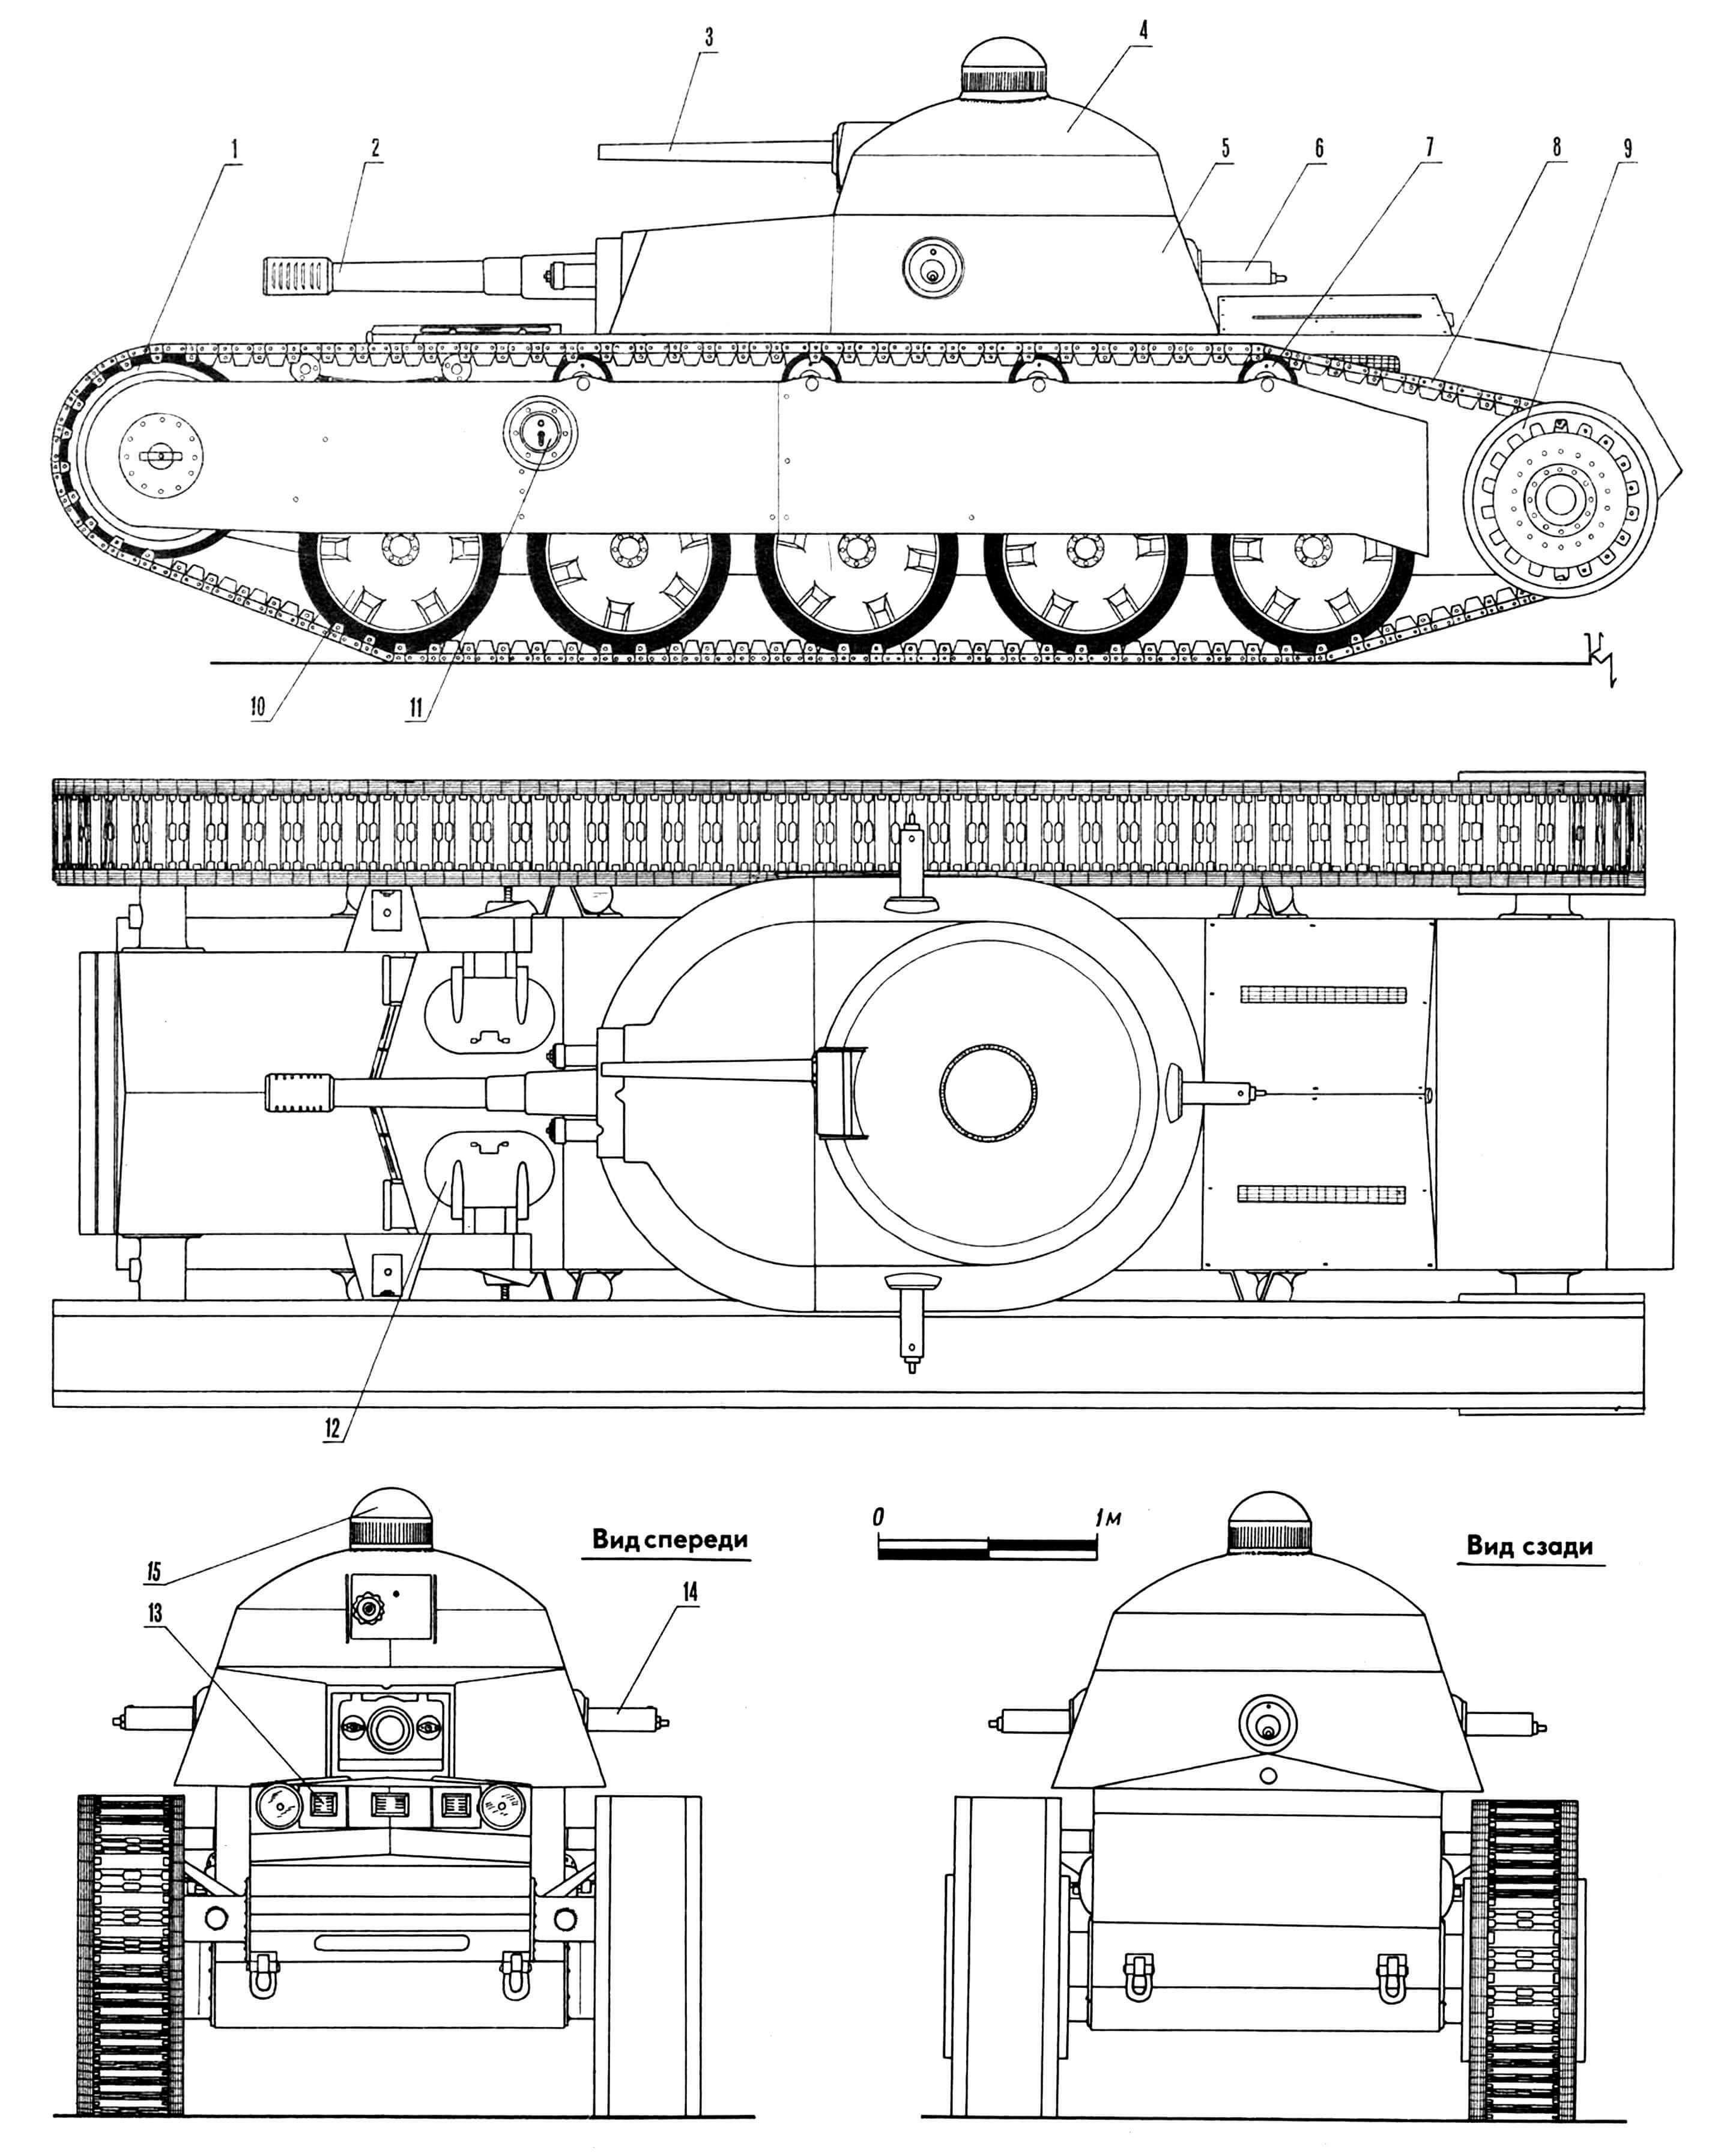 Танк ТГ: 1 — направляющее колесо, 2 — 76-мм пушка, 3 — 37-мм пушка, 4 — вращающаяся башня, 5 — неподвижная рубка, 6 — кормовой пулемет «максим», 7 — поддерживающий каток, 8 — гусеничная цепь, 9 — ведущее колесо, 10 — опорный каток, 11 — бортовая установка пулемета ДТ, 12 — люк для посадки экипажа, 13 — смотровой прибор механика-водителя, 14 — бортовой пулемет «максим», 15 — стробоскоп. Крыша моторного отделения танка показана согласно проекту.